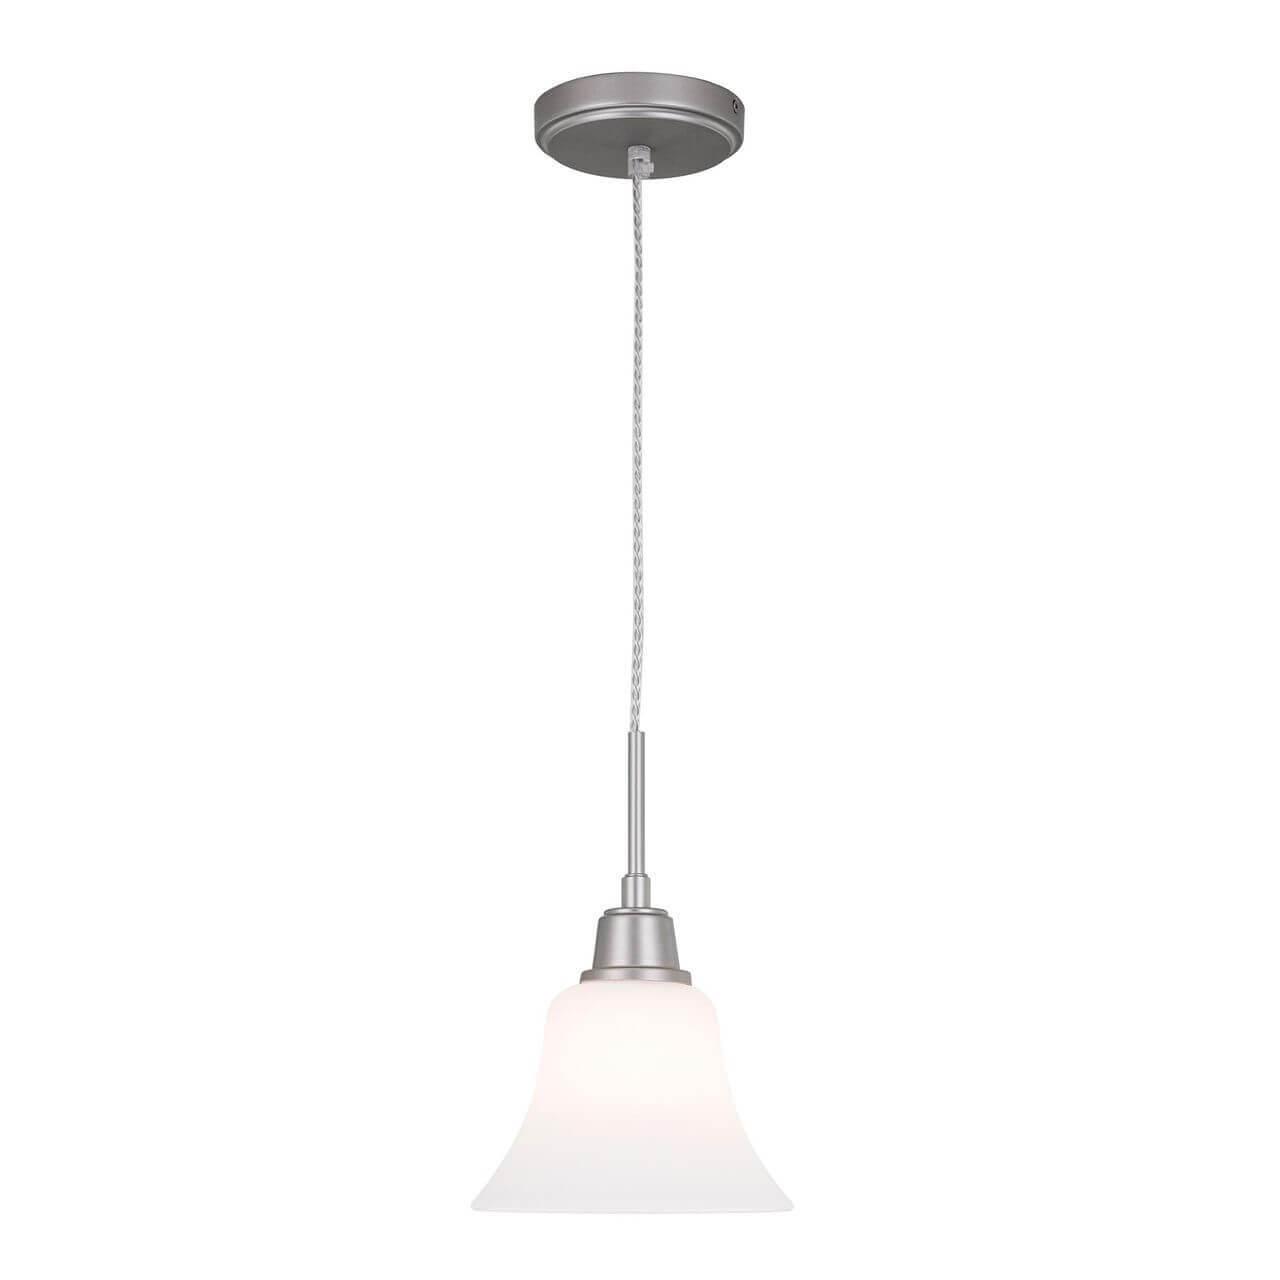 Подвесной светильник Citilux Модерн CL560111 citilux подвесной светильник citilux модерн cl560111